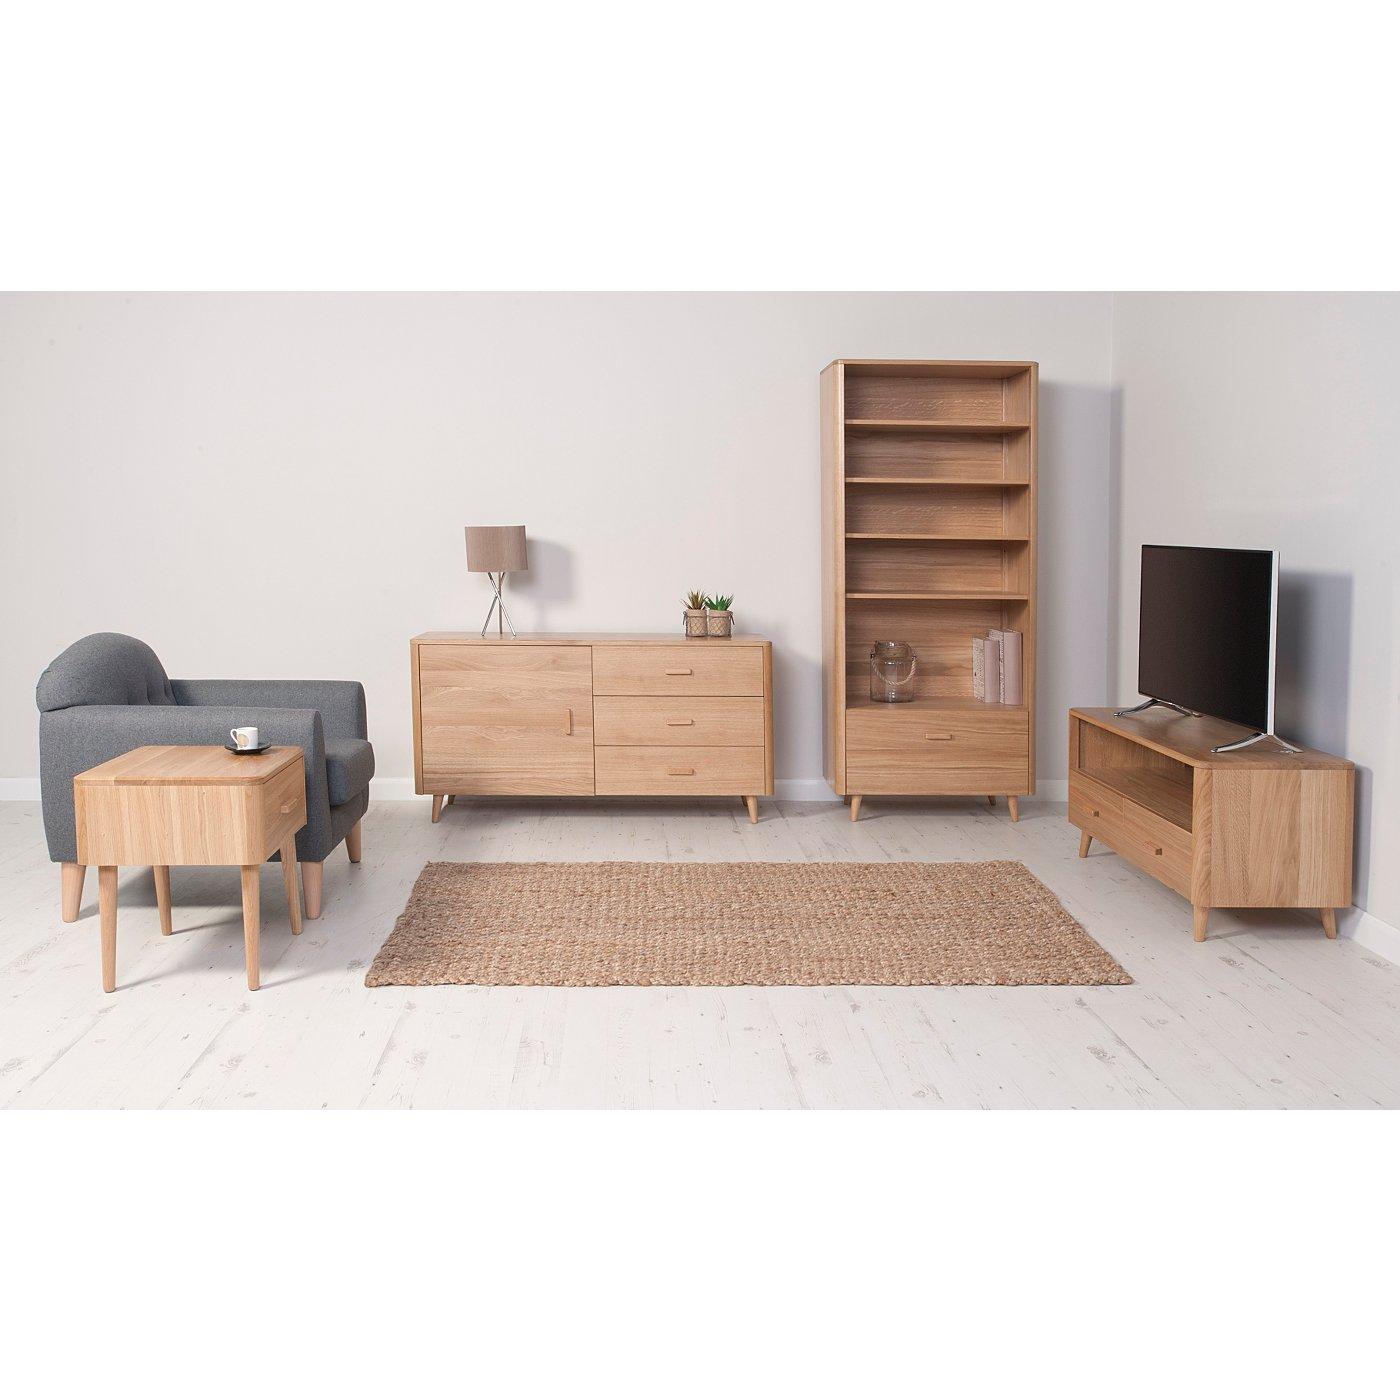 George Home Idris Living Room Furniture Range   Oak and Oak Veneer  Loading  zoom. George Home Idris Living Room Furniture Range   Oak and Oak Veneer